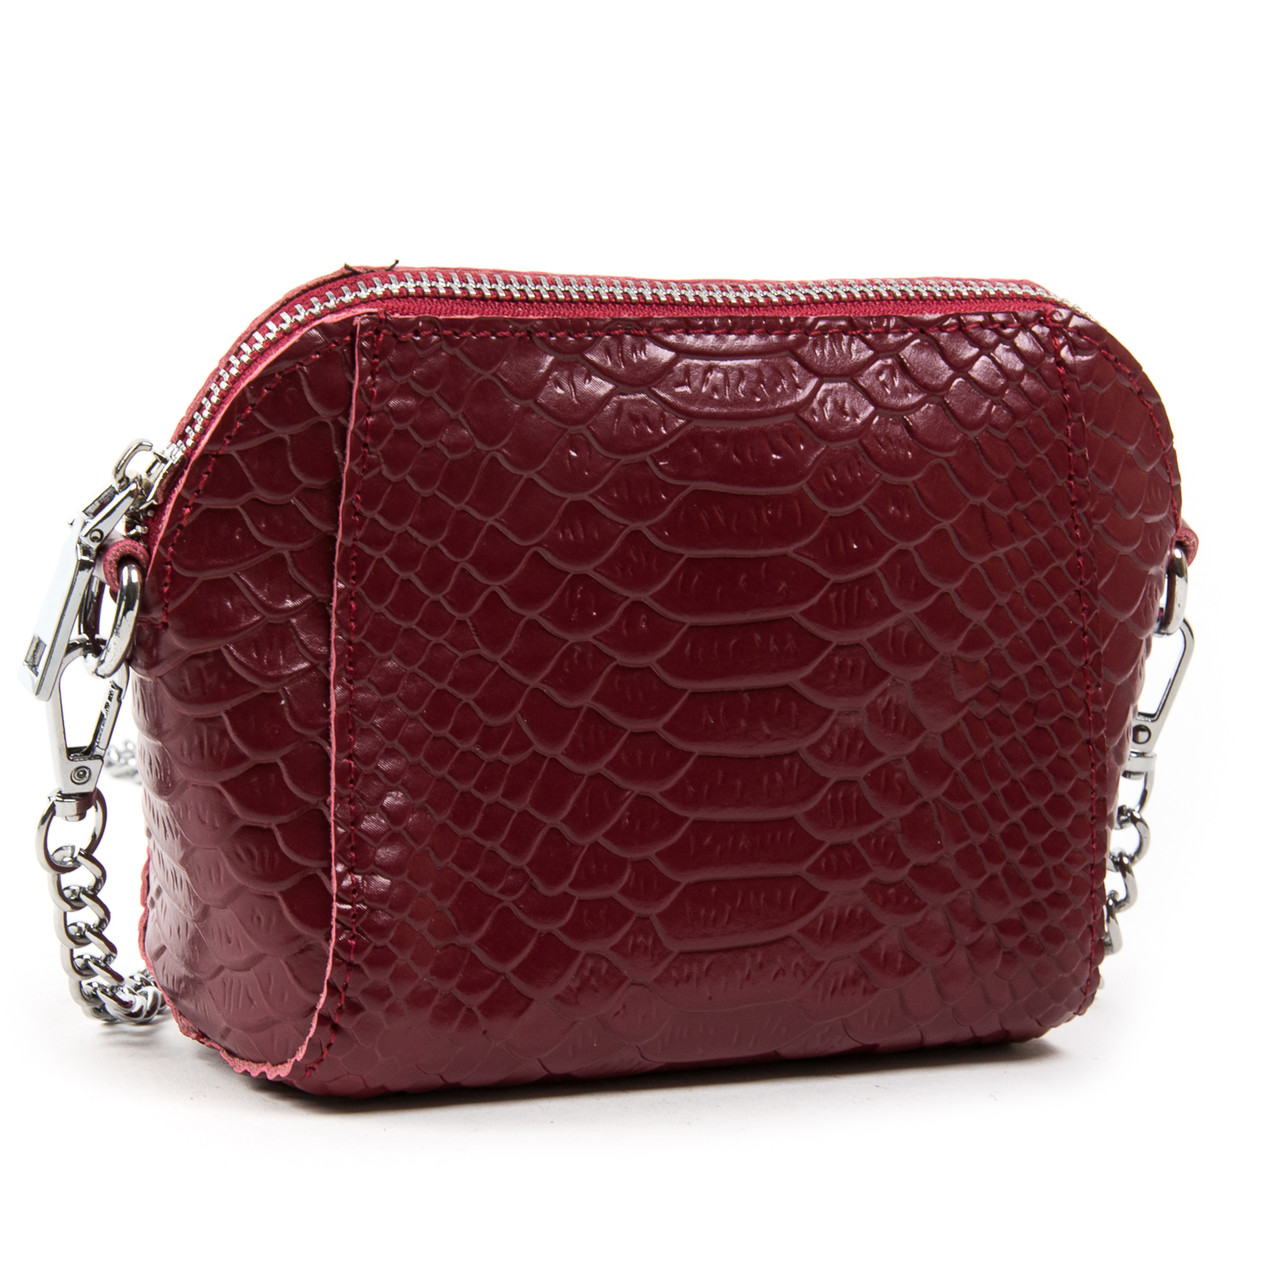 PODIUM Сумка Женская Классическая кожа ALEX RAI 03-02 6009 l-red